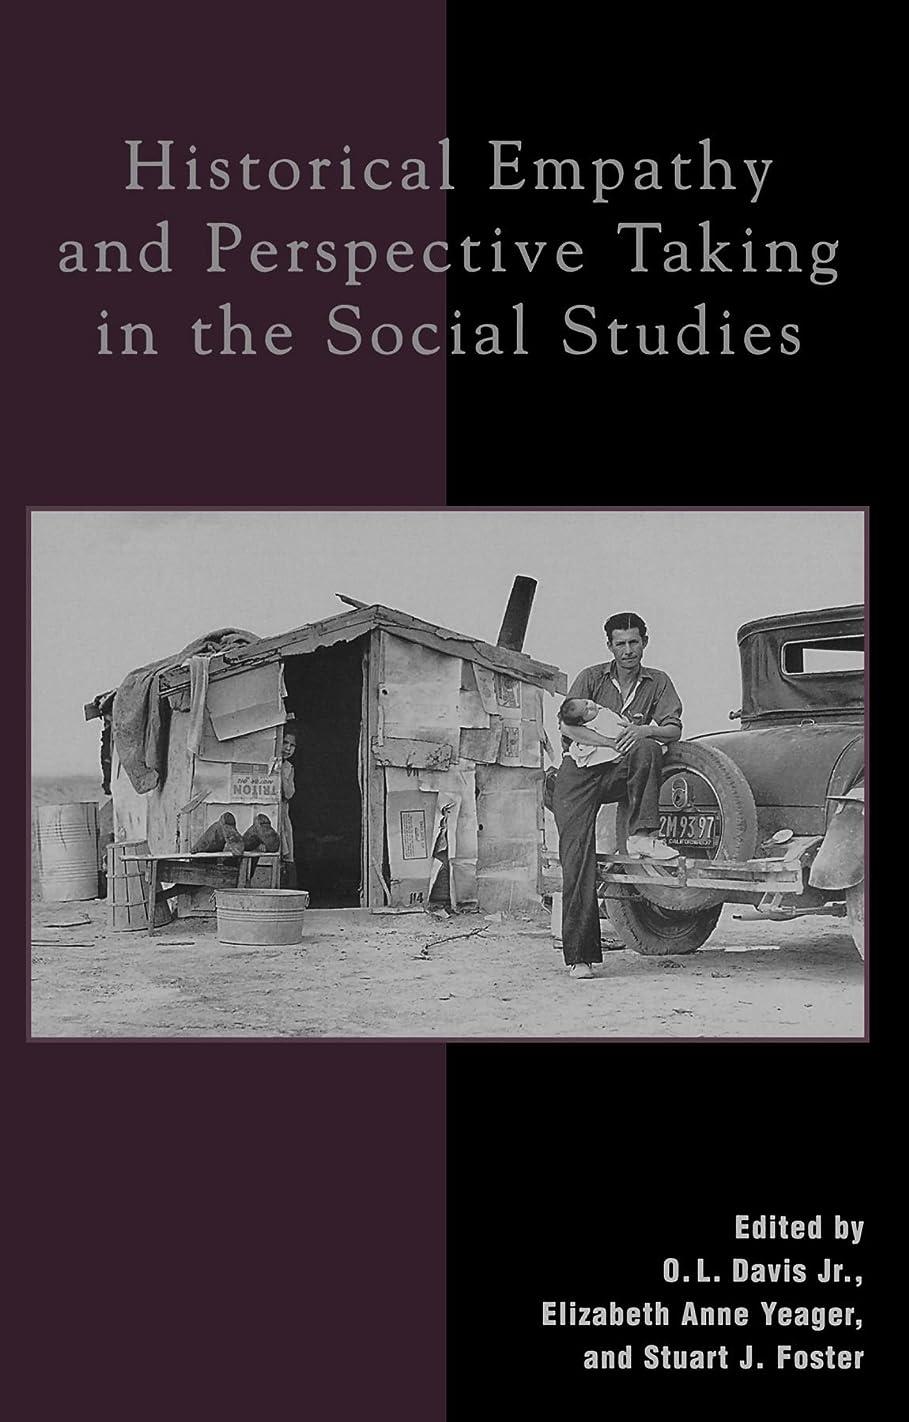 禁じる忘れる粉砕するHistorical Empathy and Perspective Taking in the Social Studies